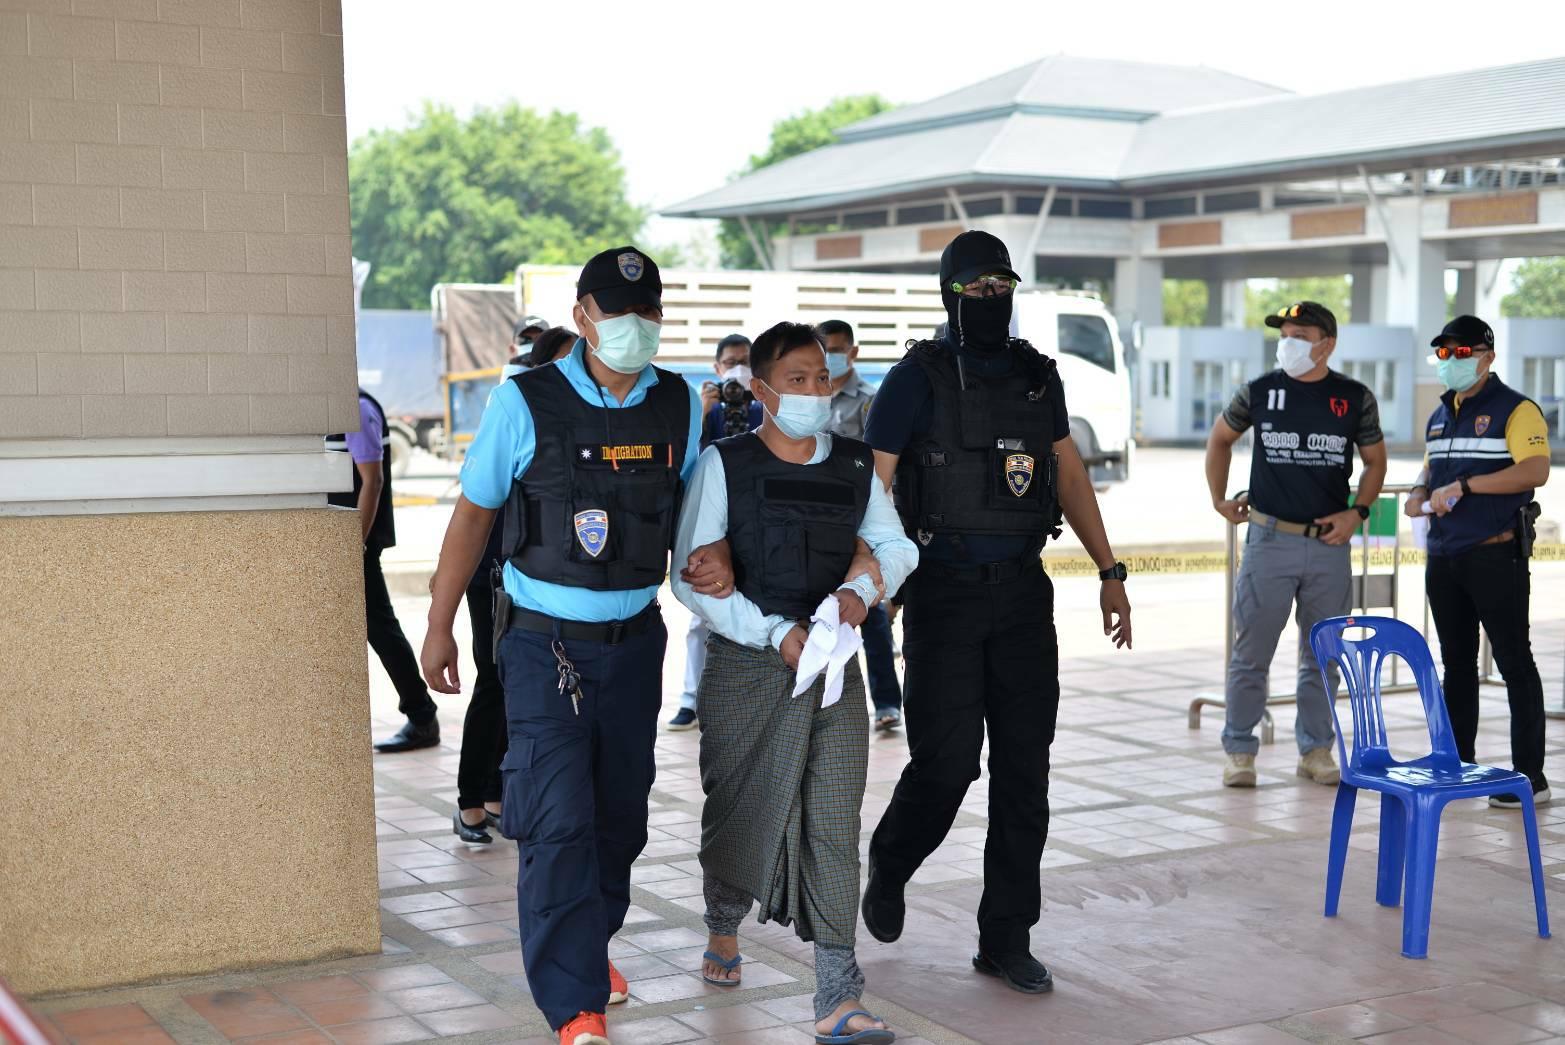 เมียนมาส่งผู้ต้องหาไทยพ้นโทษจากเมืองตองจี เตรียมรับโทษหมายศาลไทยต่อ